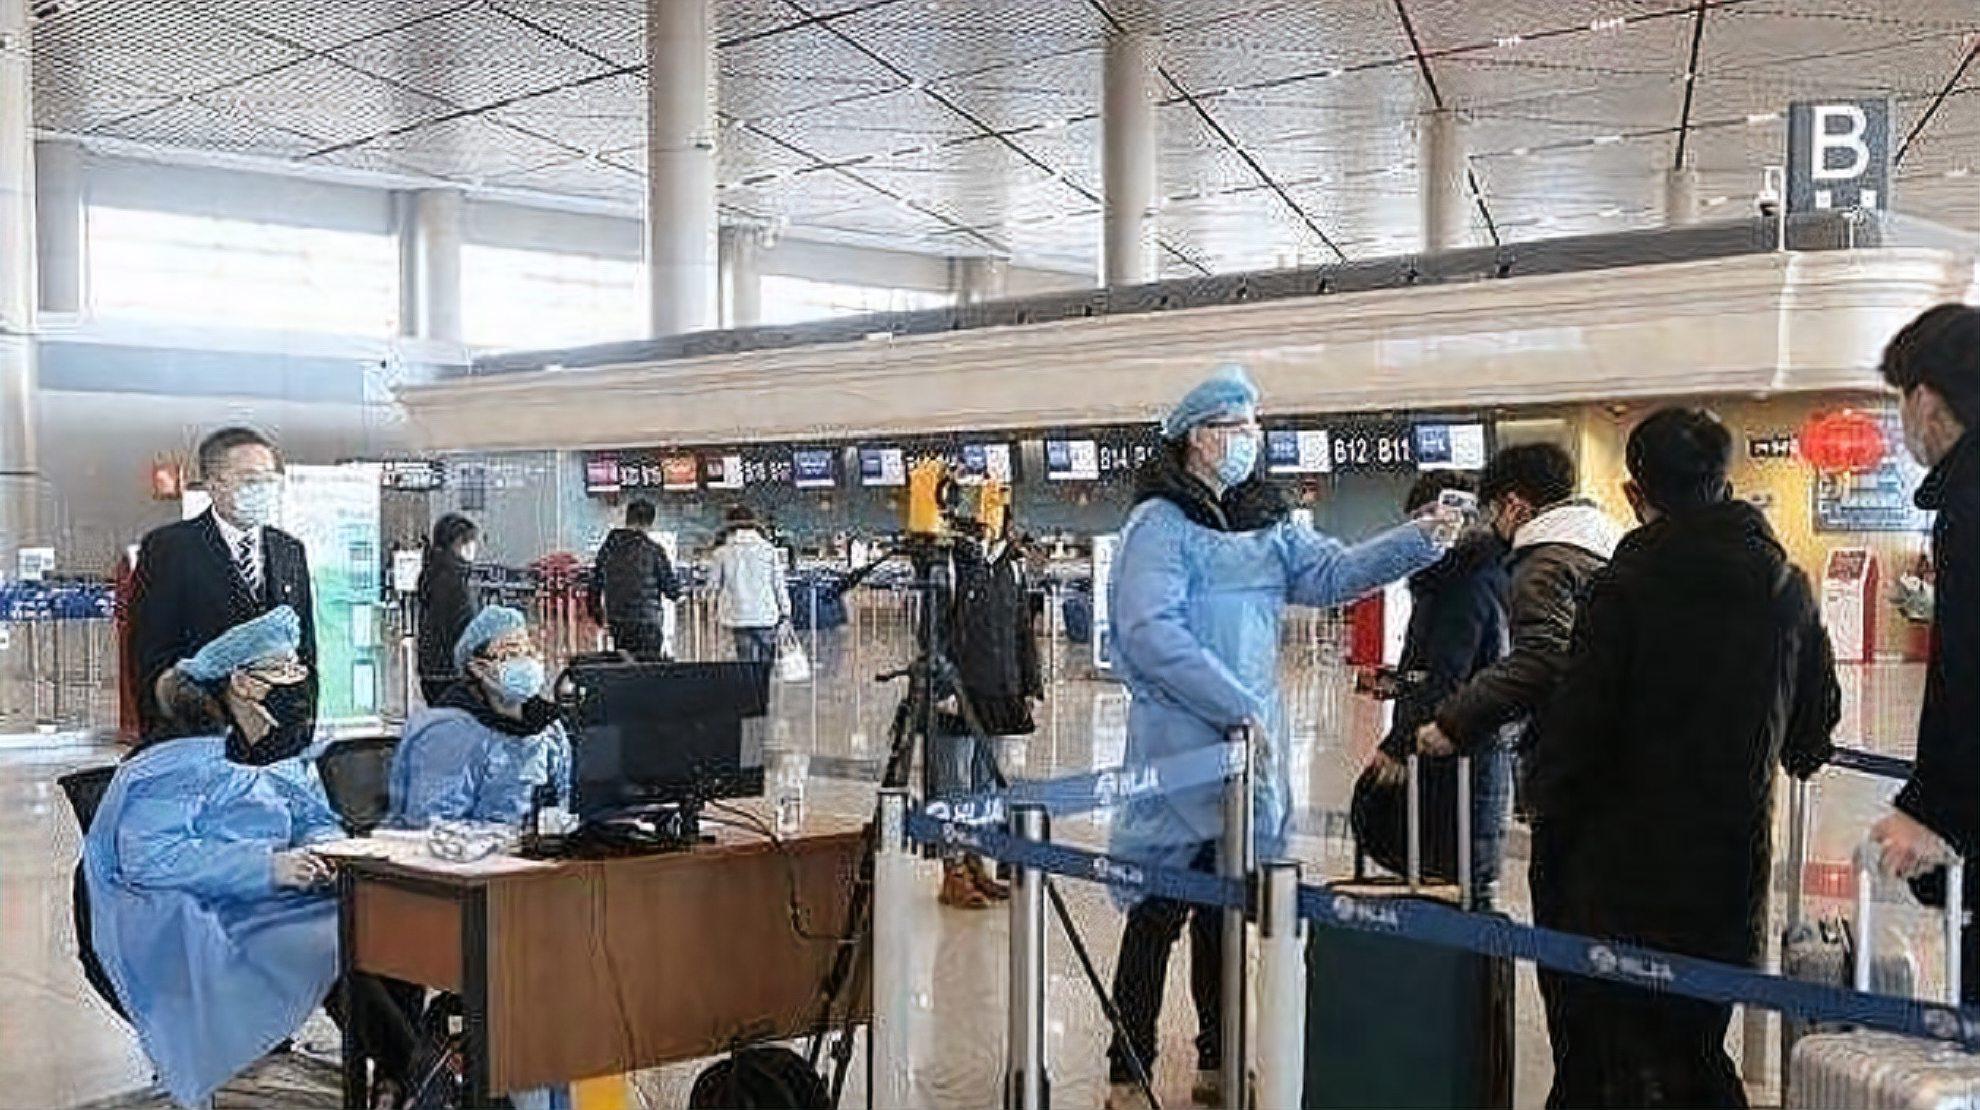 美籍华人富豪包机回国被拒,嚣张喊道:你可知道我交了多少税吗?